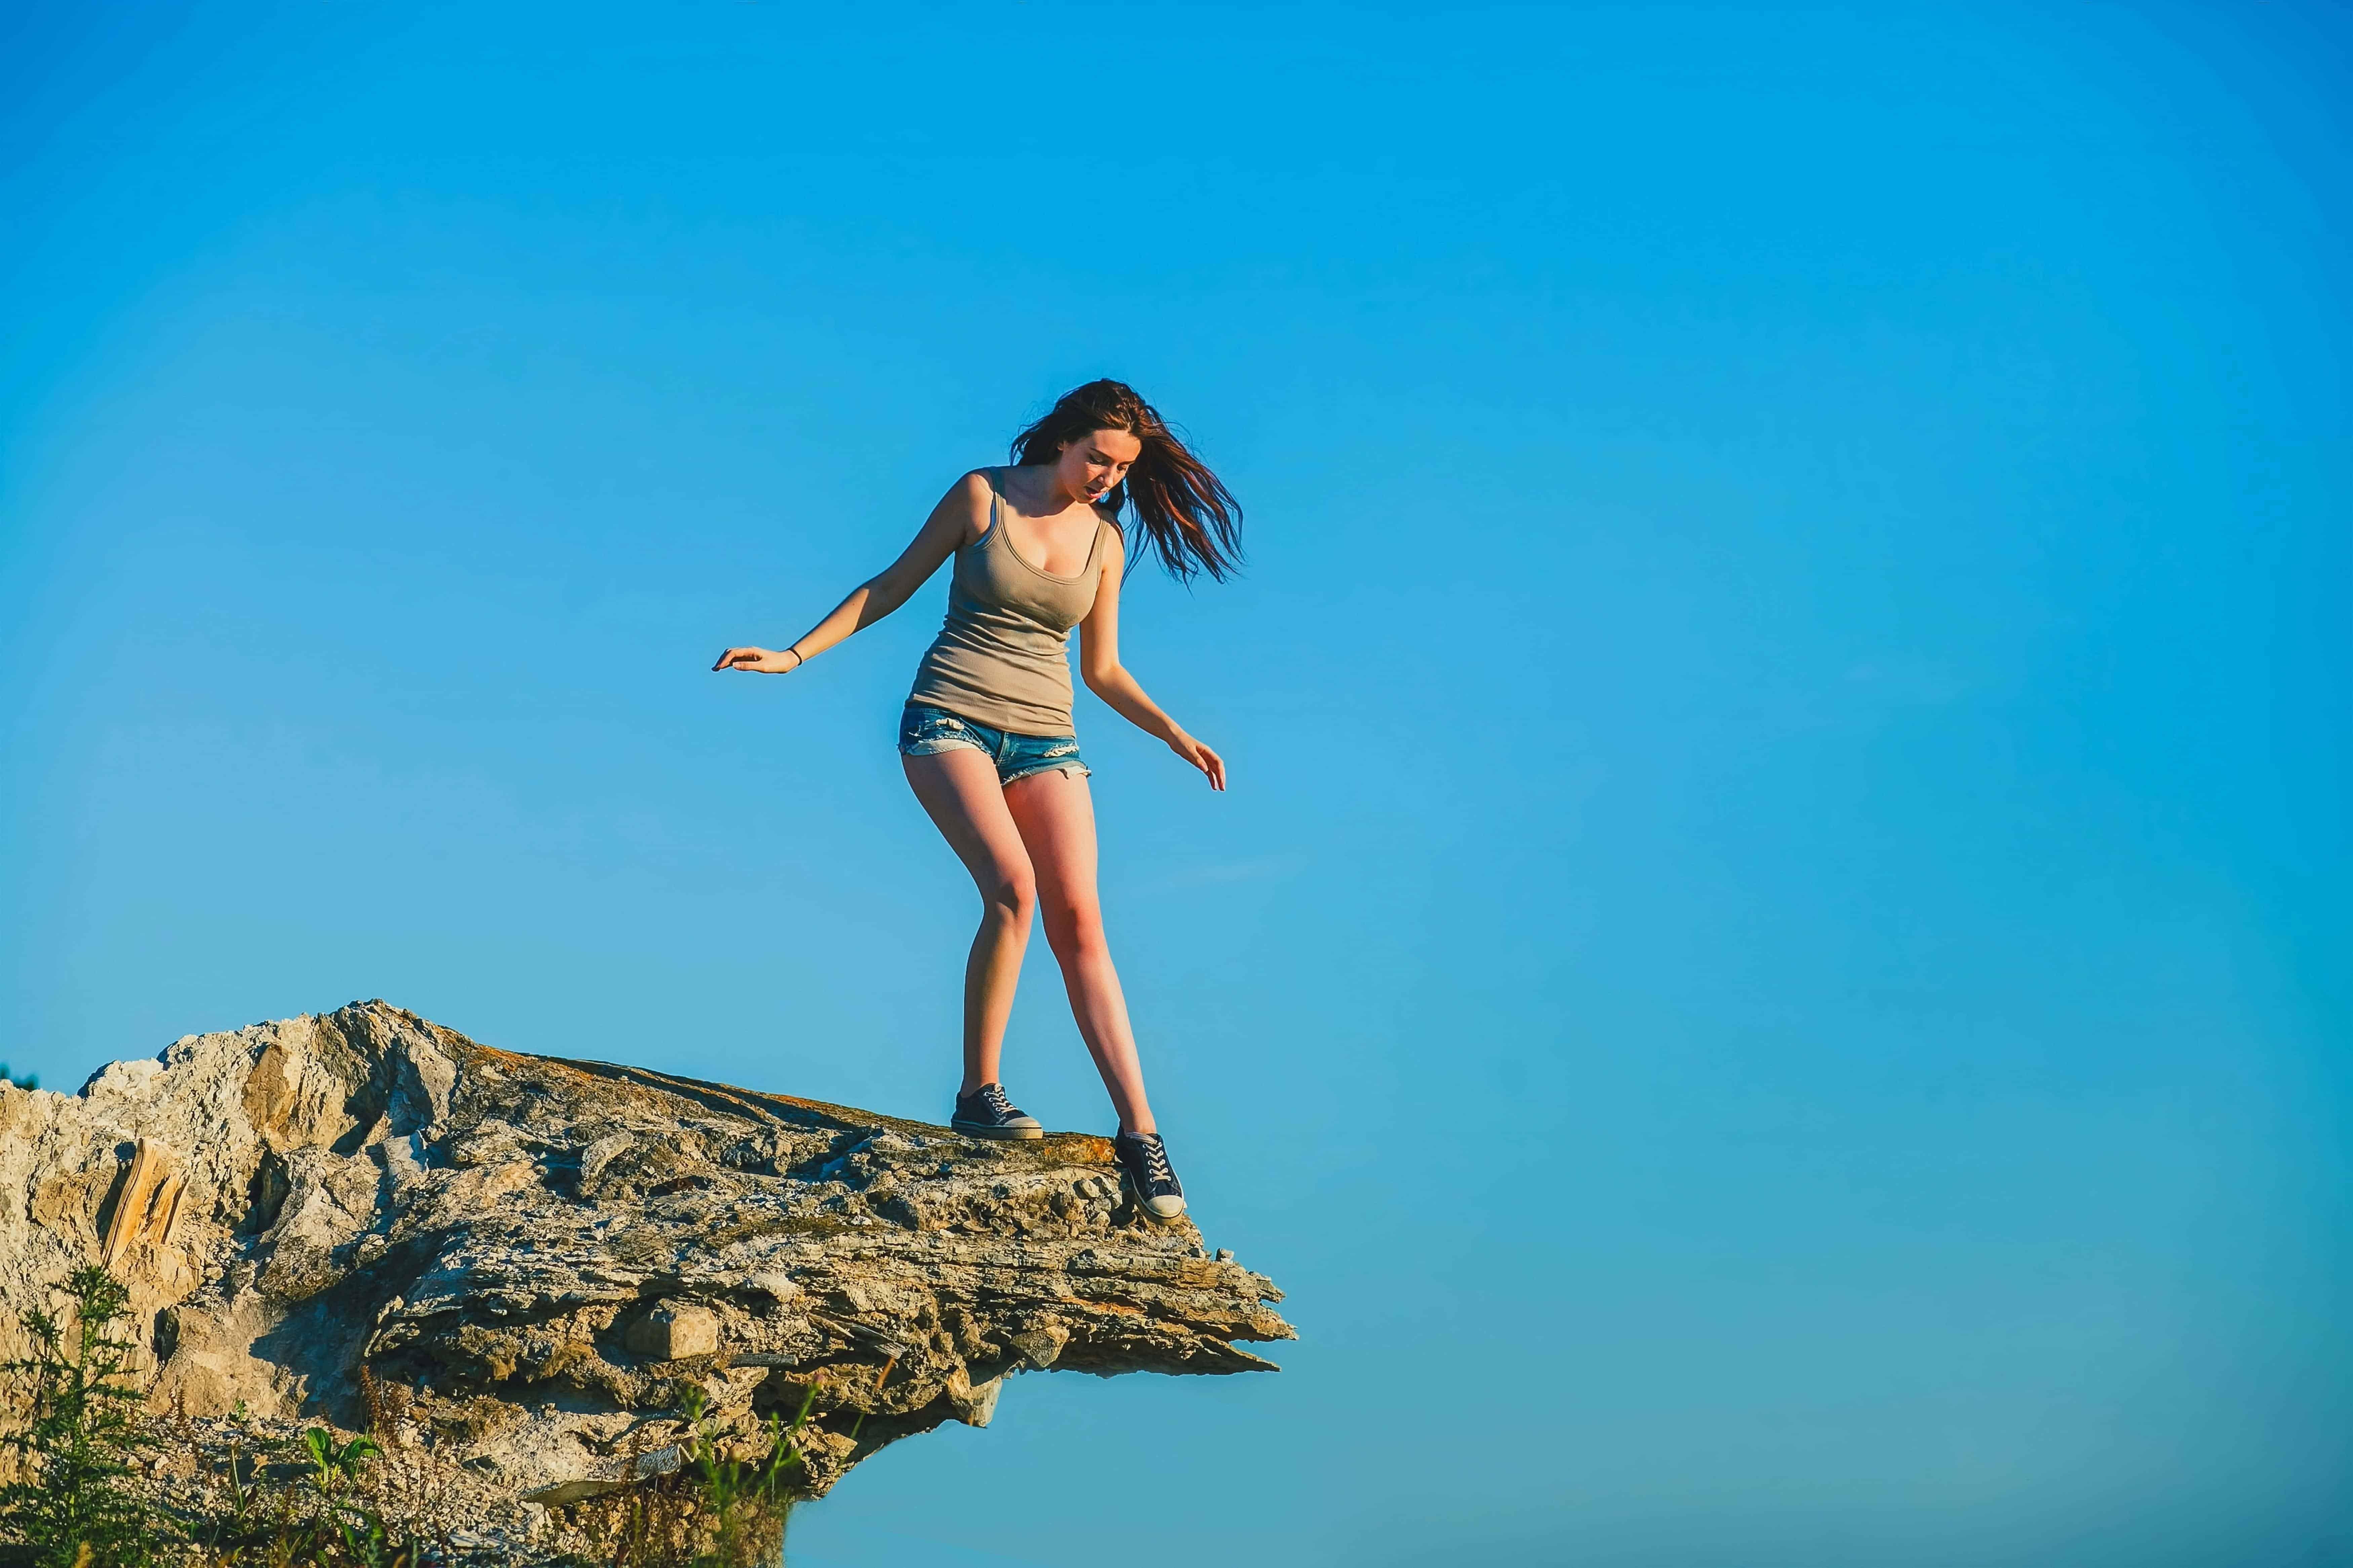 Die Angst vor der Höhe ist natürlich, aber diese Angst kann Dein Leben massiv einschränken | Hypnose hilft gegen Höhenangst